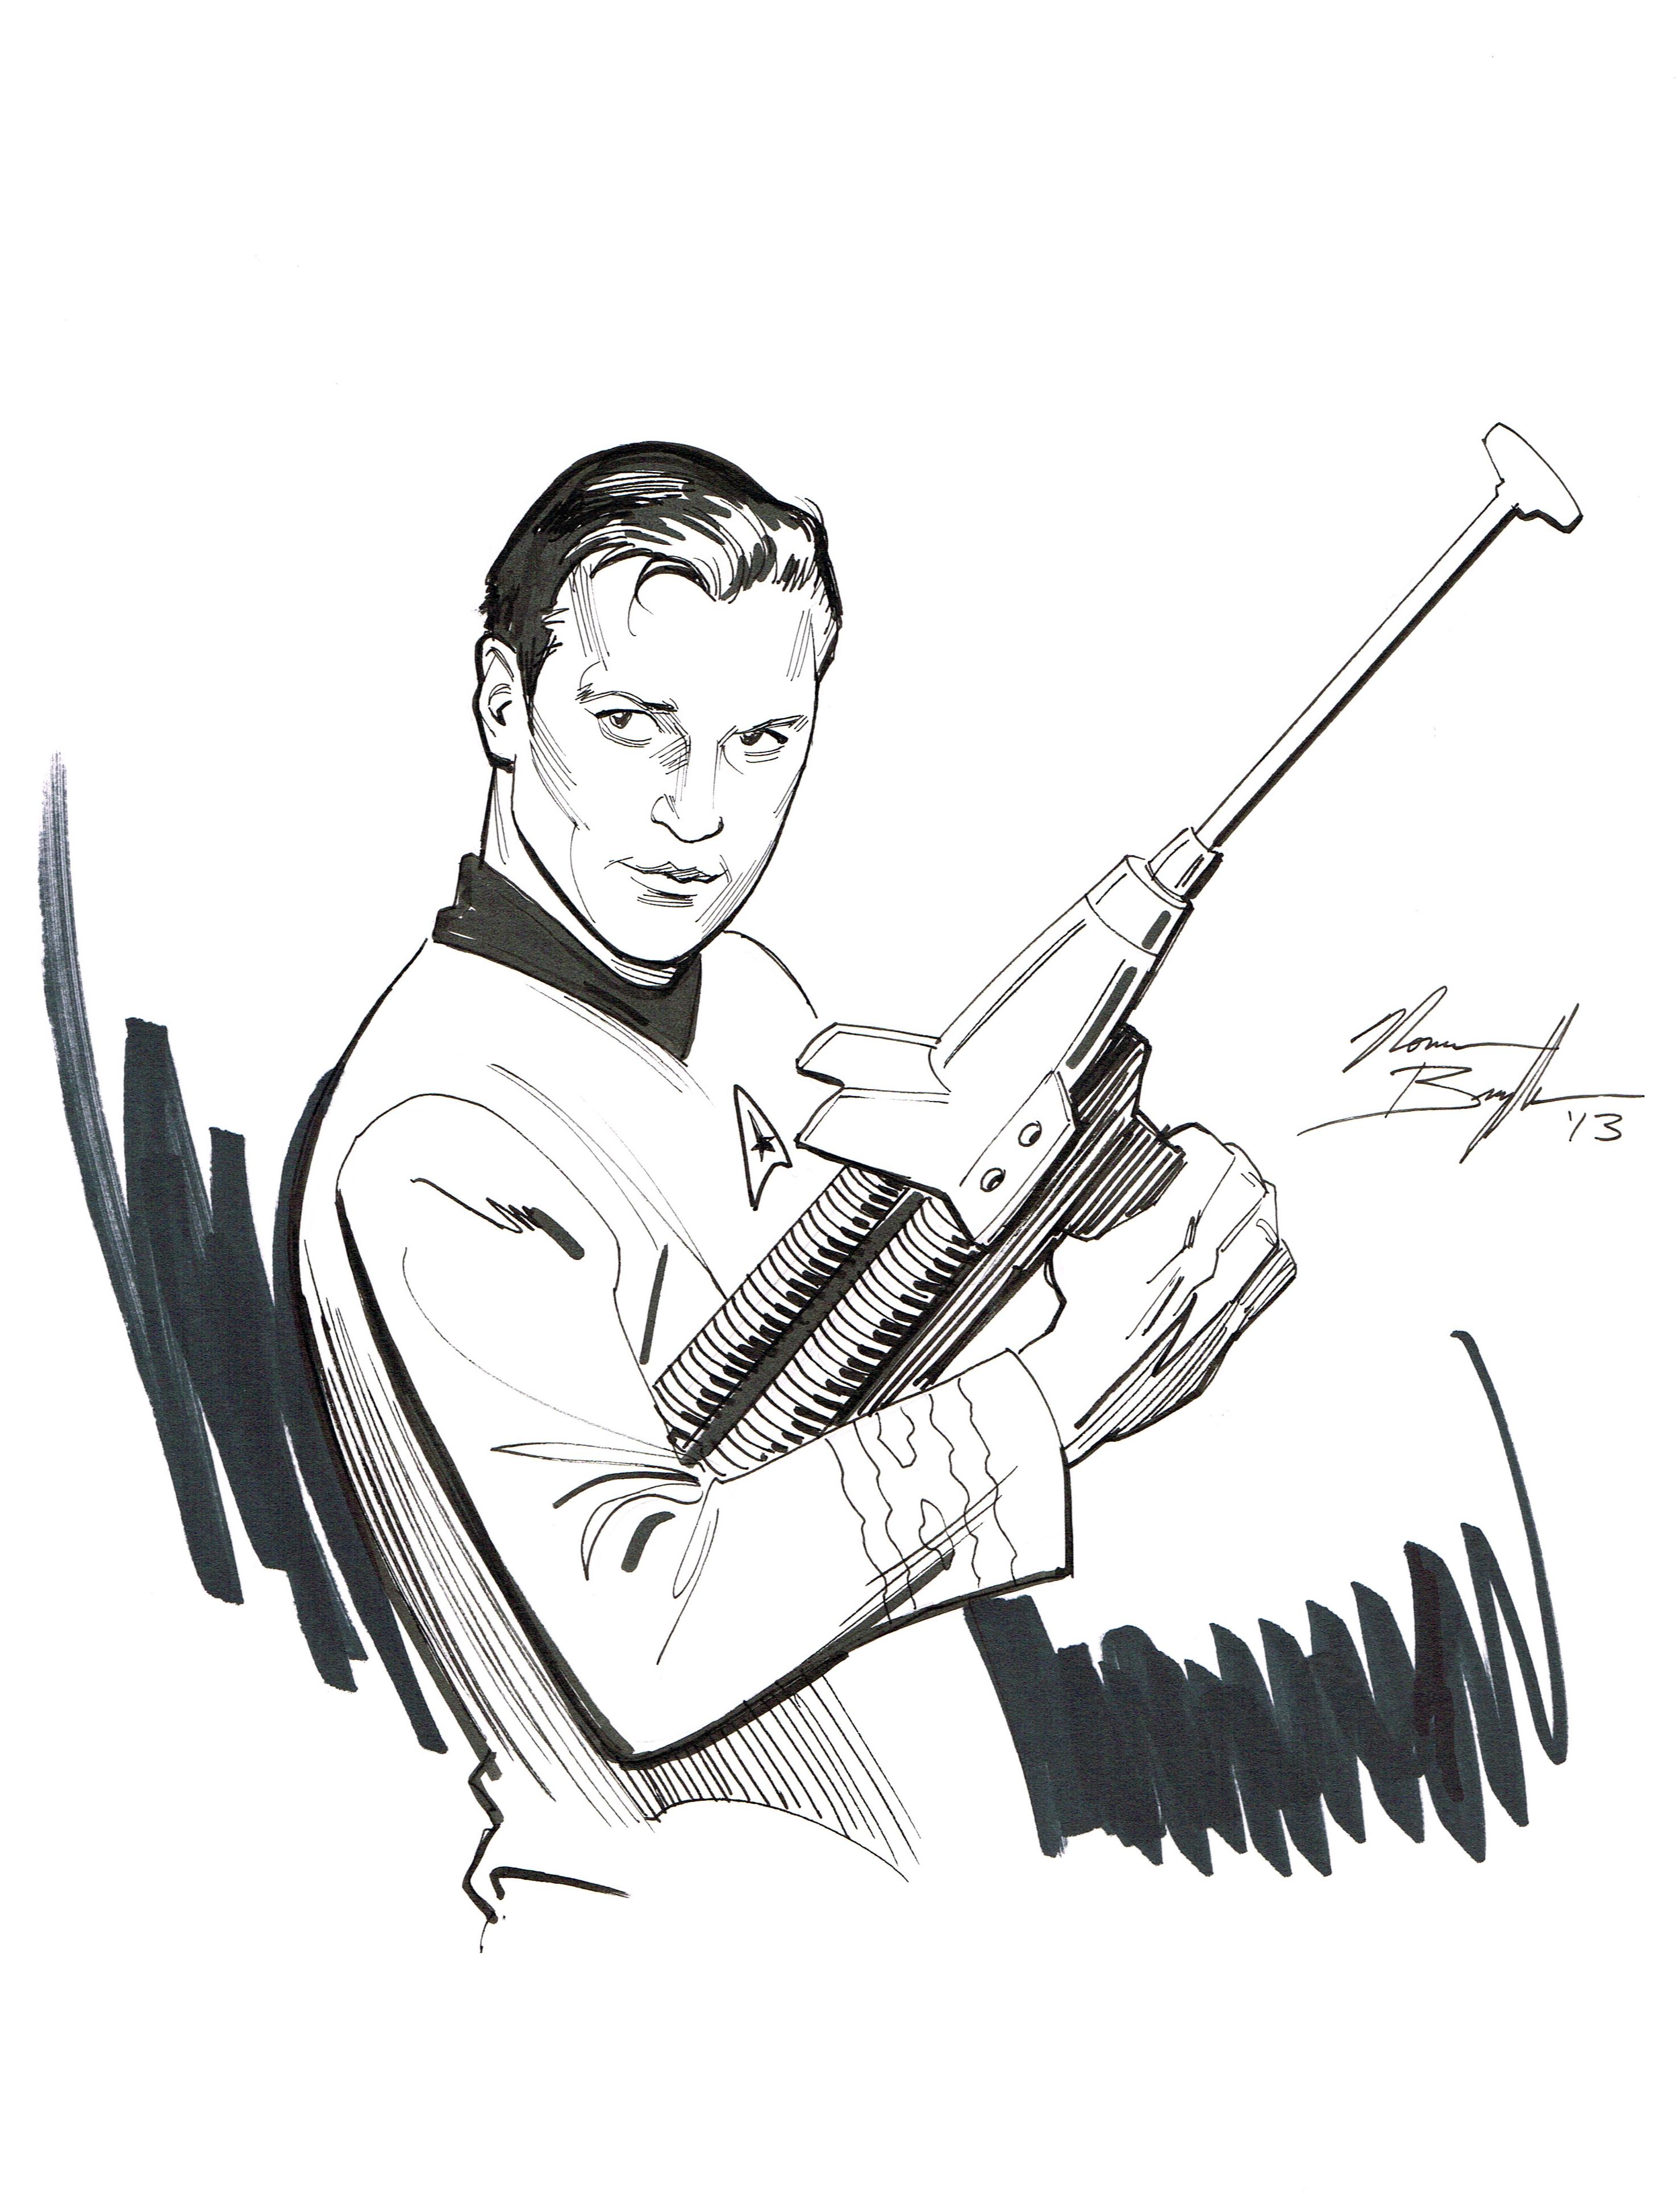 Drawn musician classic A Batman Kirk Captain by